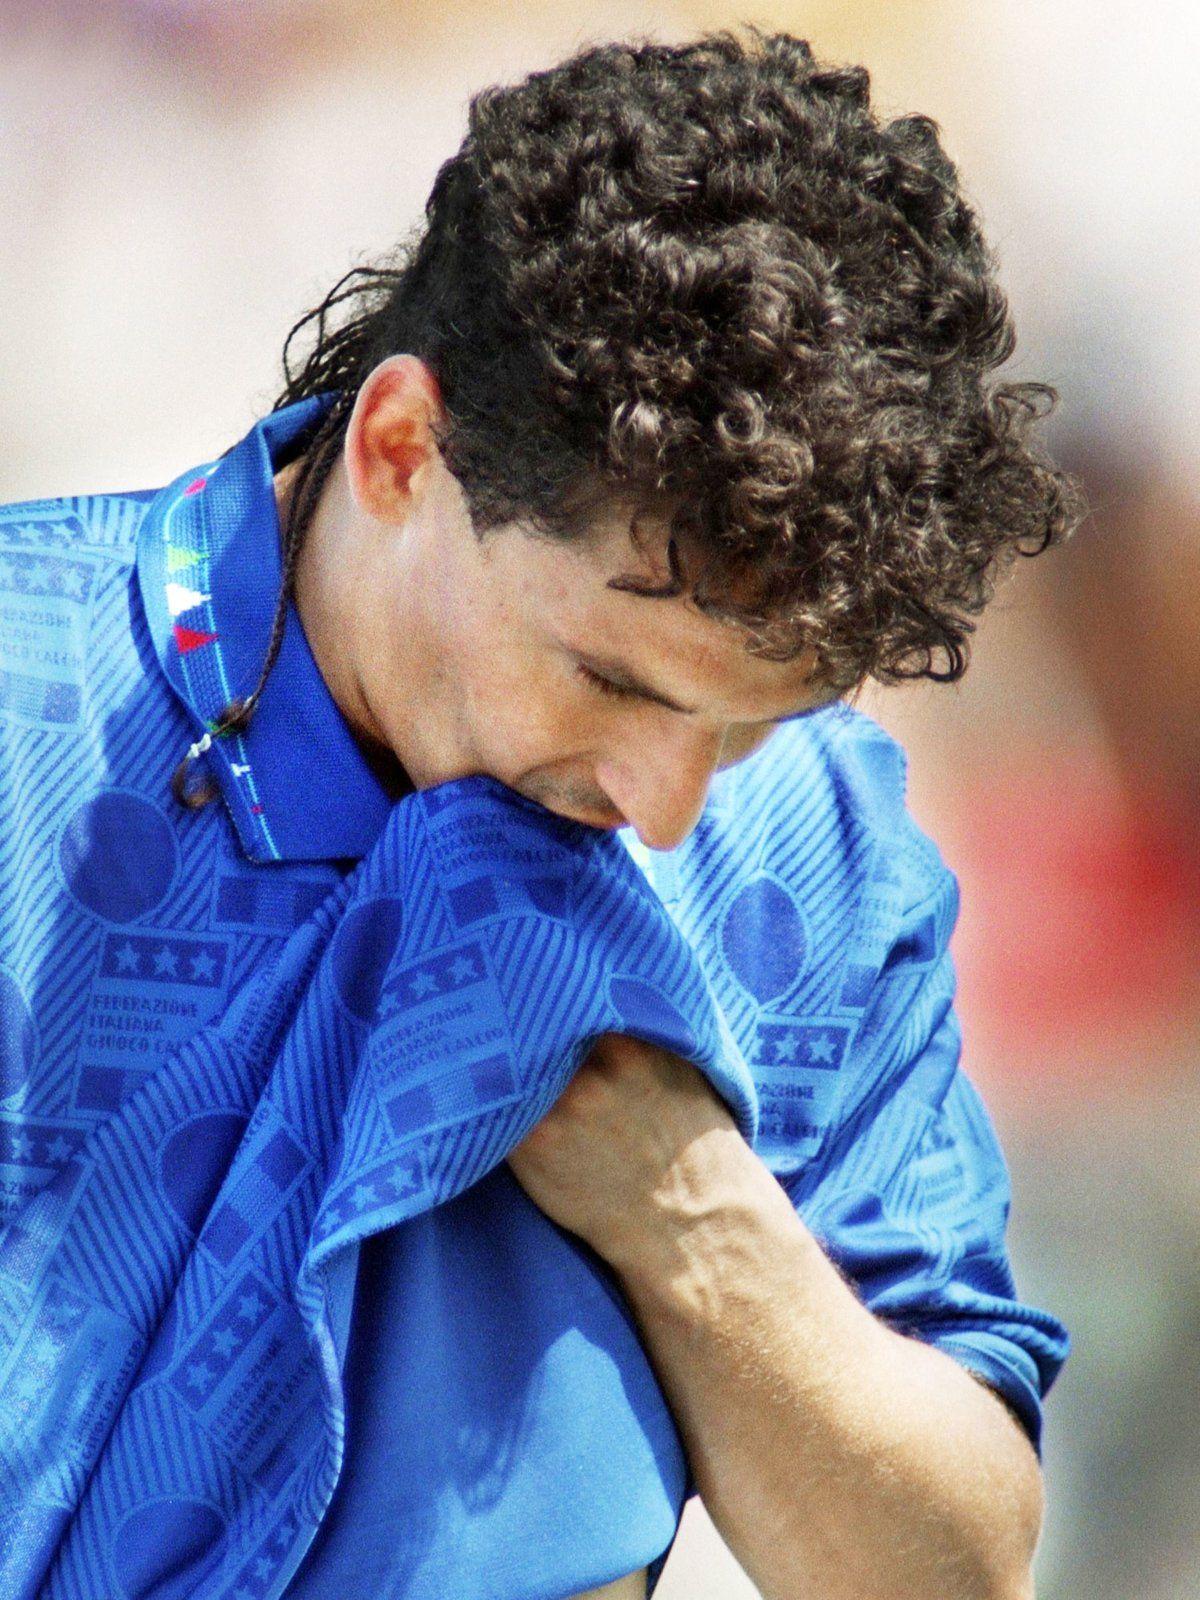 Roberto Baggio Und Das Rattenschwanzchen Roberto Baggio Fussball Weltmeister Fussball Italien